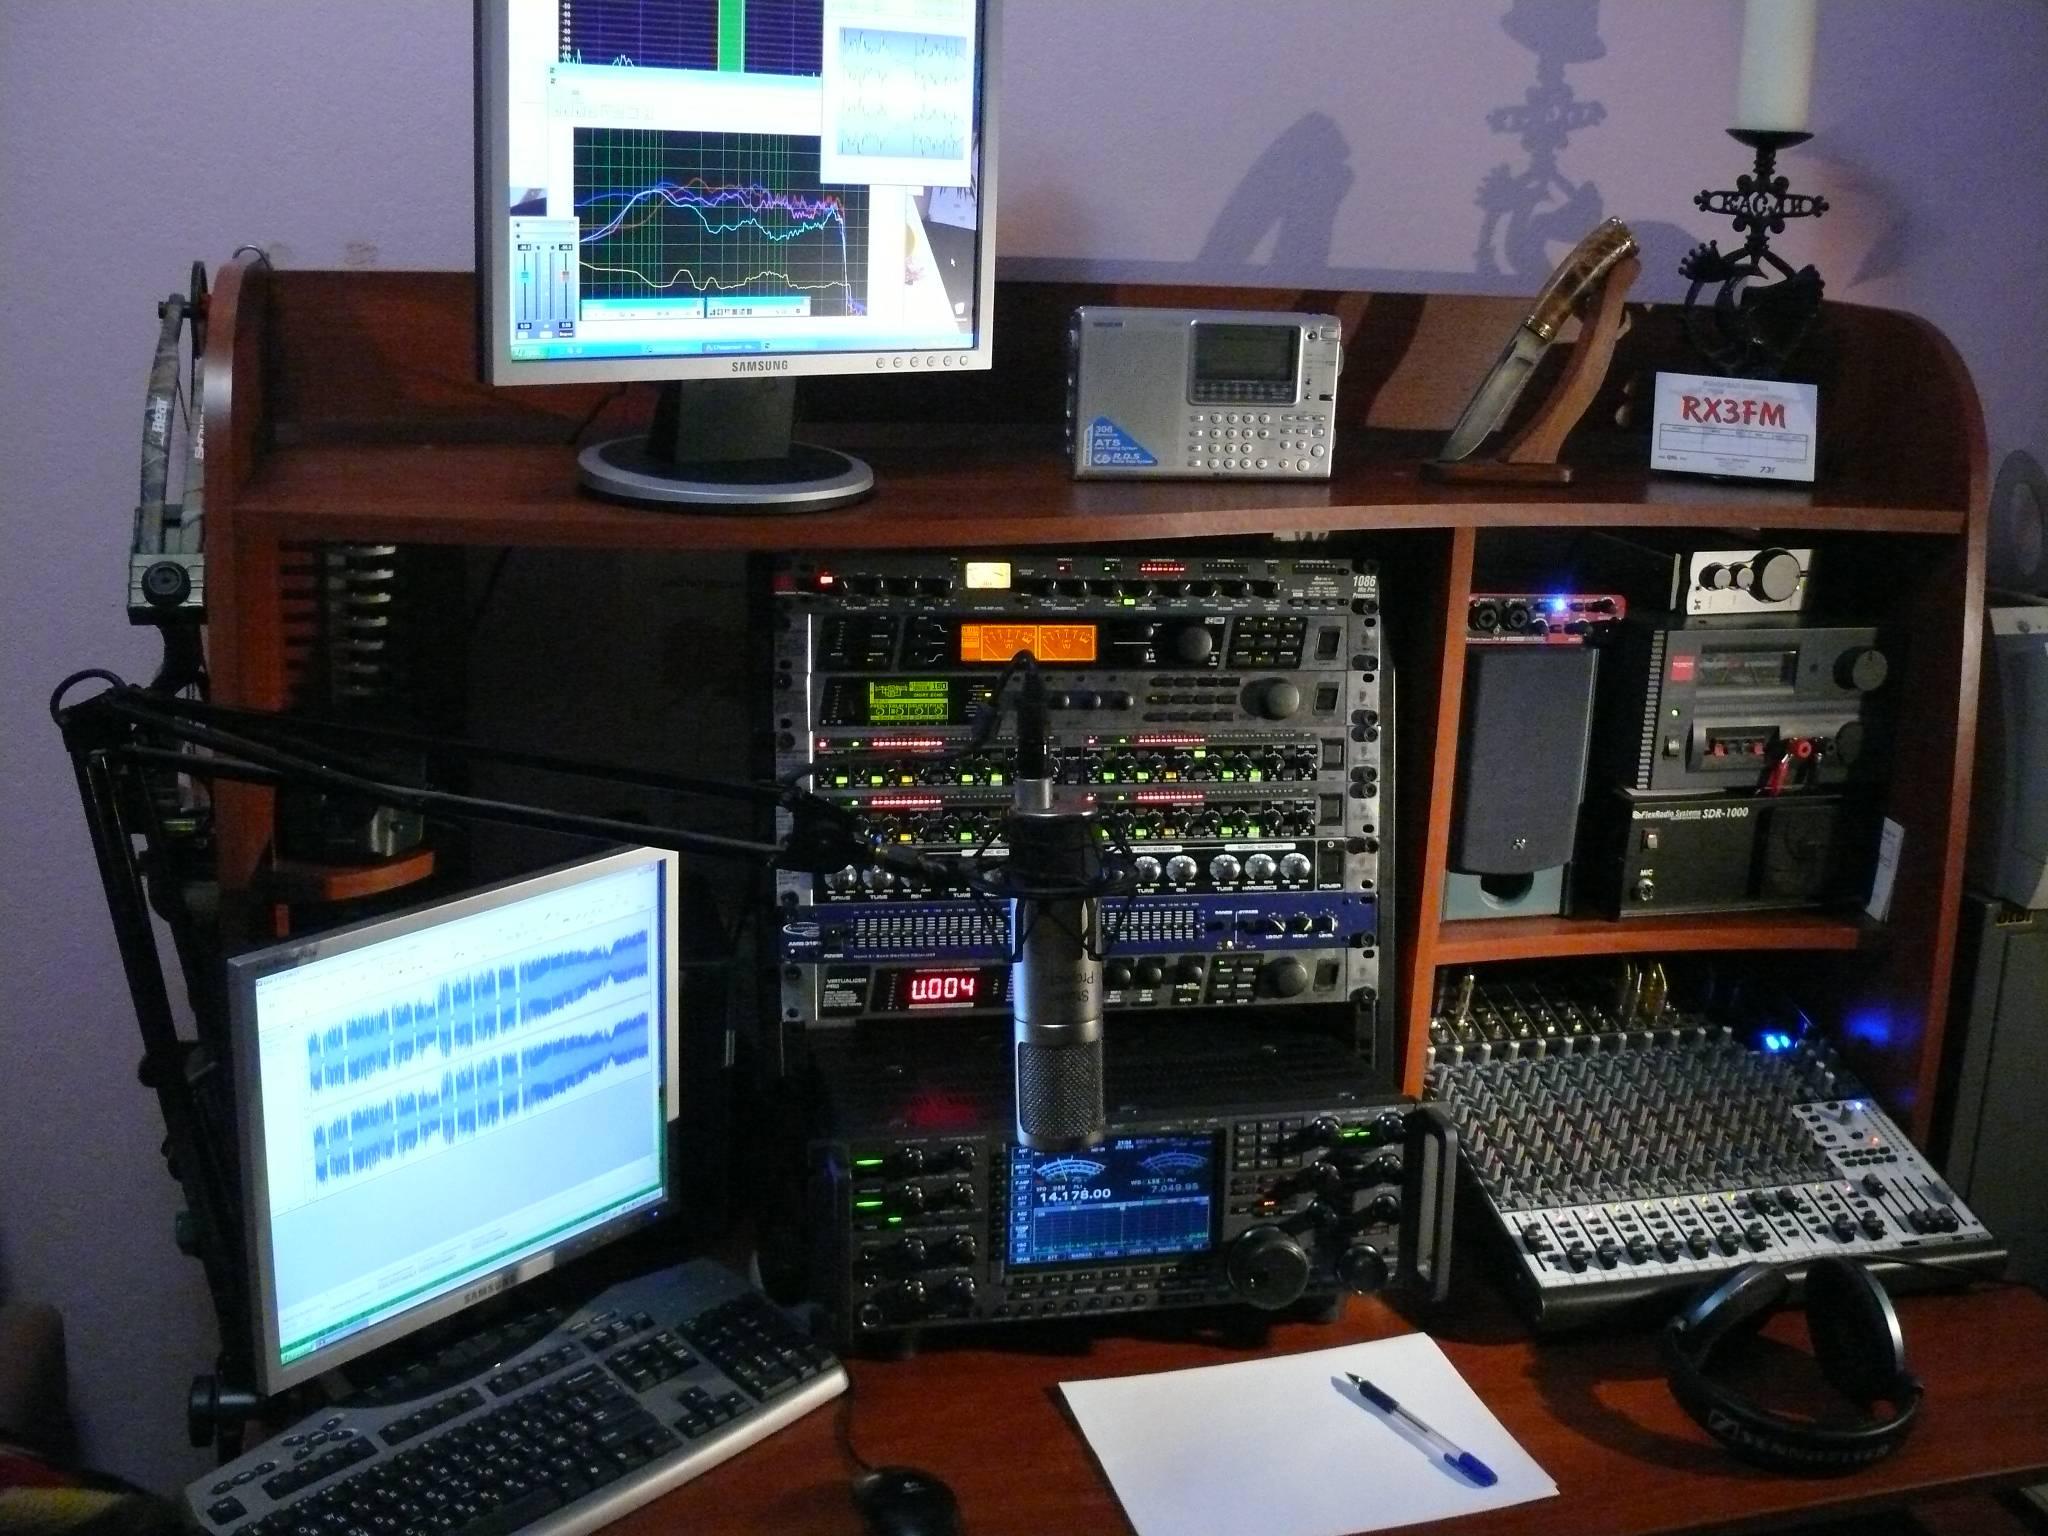 Amateur Radio Station Wb4omm: R5FM Hi-Fi ESSB Voodoo Audio Amateur Radio Station